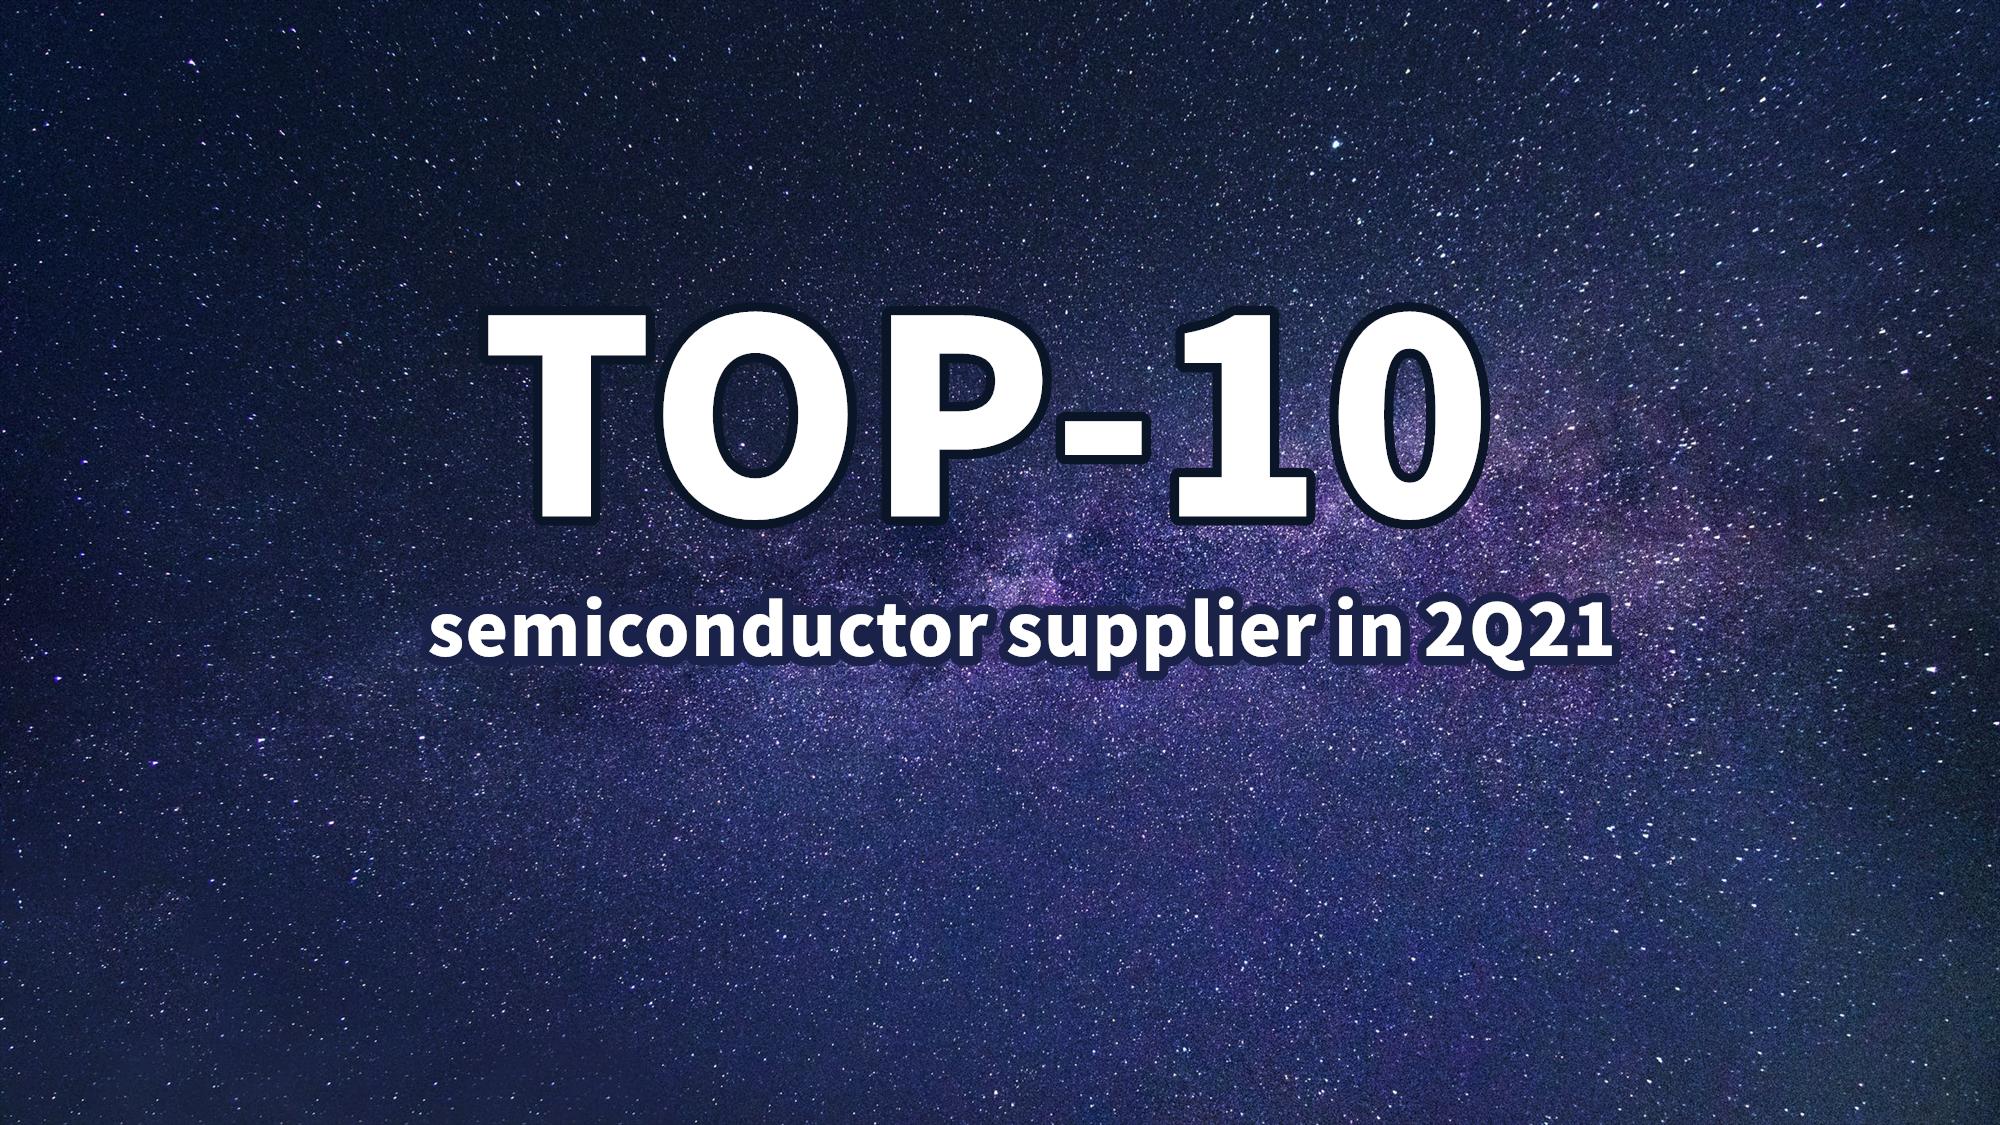 2021全球十大半导体厂商最新排名,三星重返第一,TI跌至第十